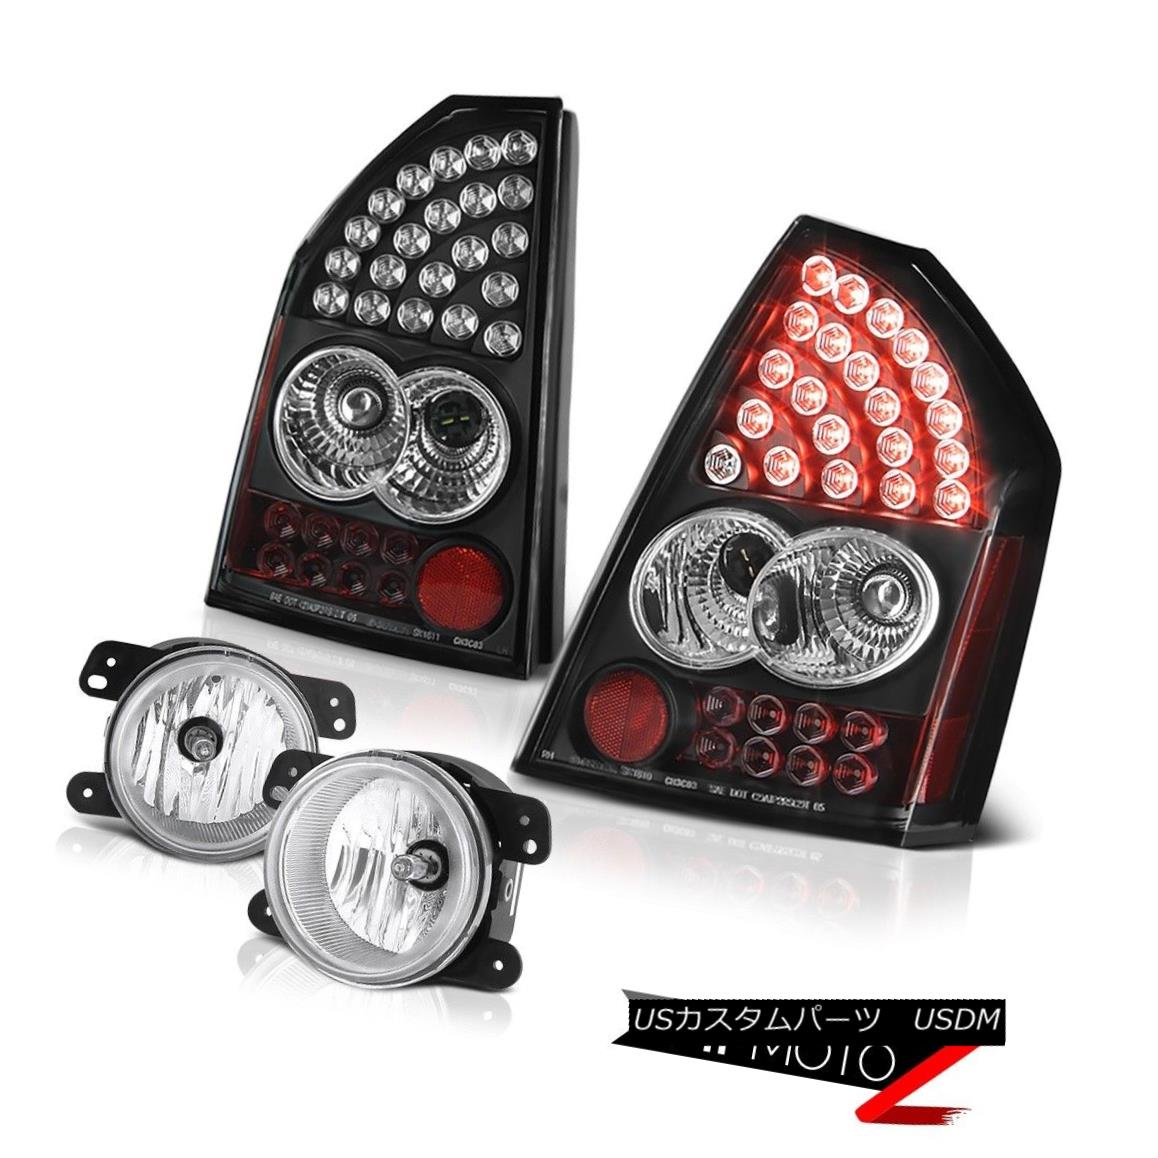 テールライト 2005 2006 2007 Chrysler 300 Touring LED Bulbs Tail Lights Chrome Foglights 2005 2006 2007クライスラー300ツーリングLED電球テールライトクロムフォグライト